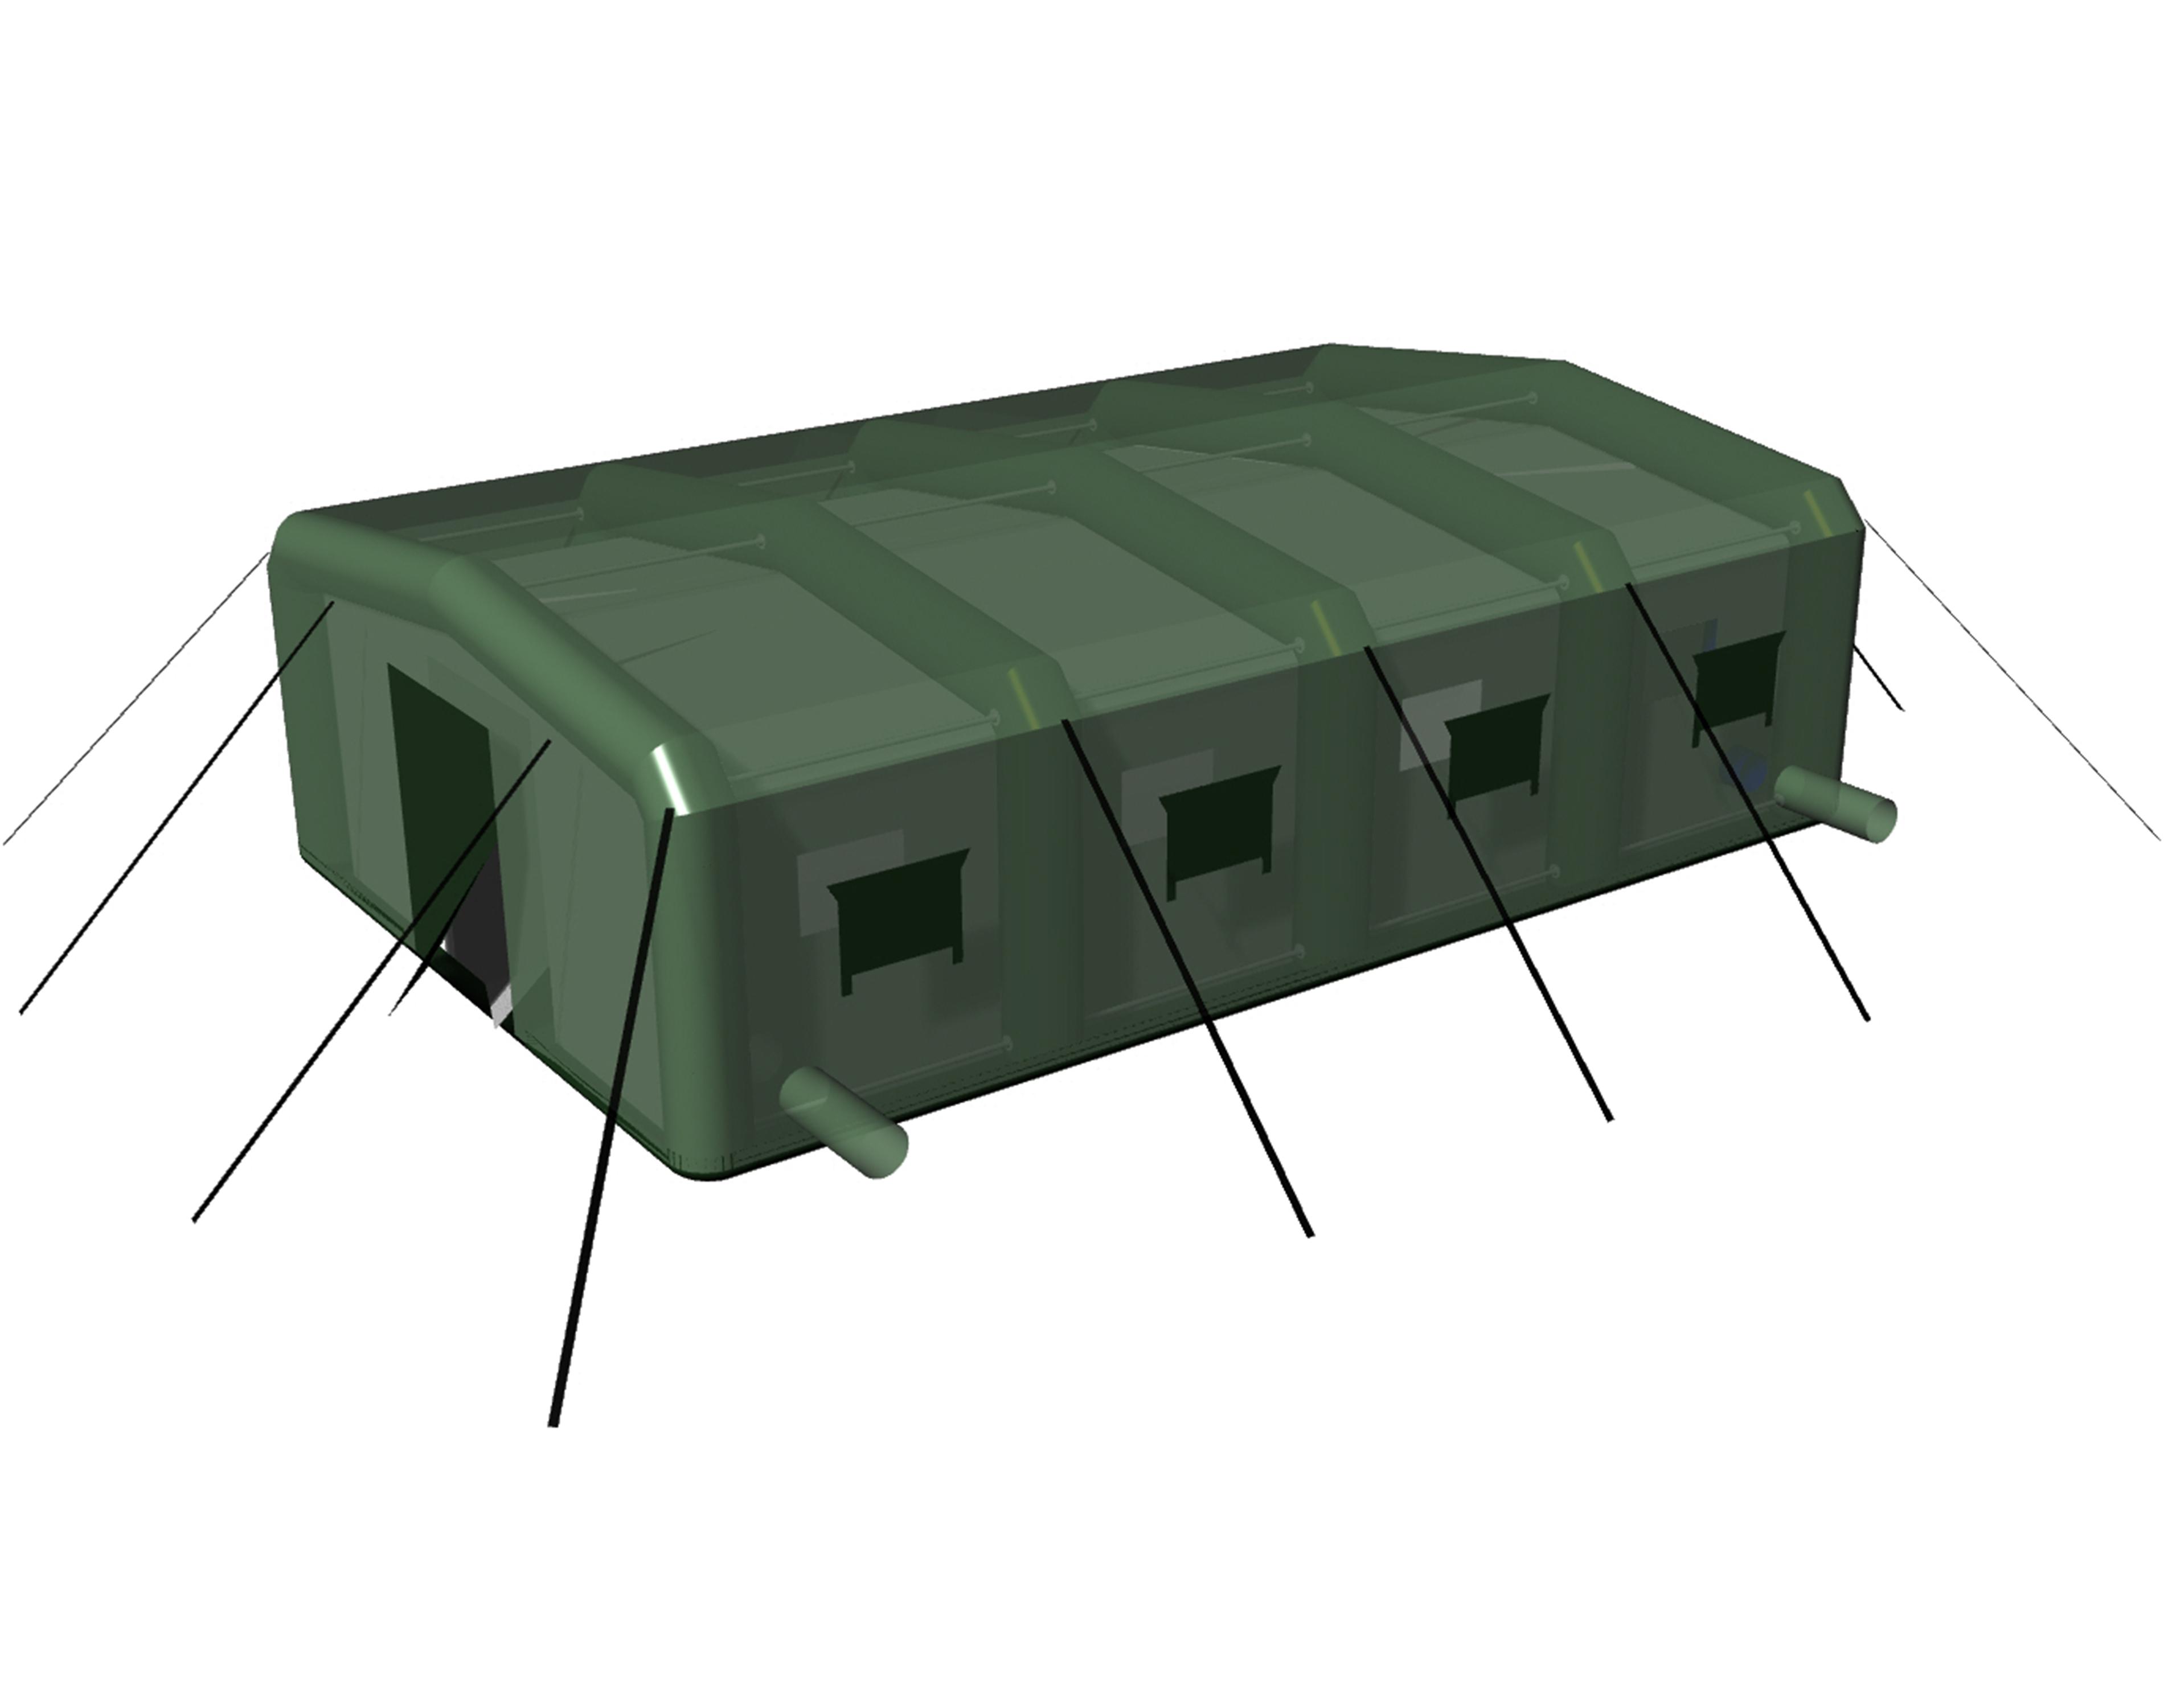 Универсальные надувные палатки с гибридным комбинированным пневмо-металлическим каркасом